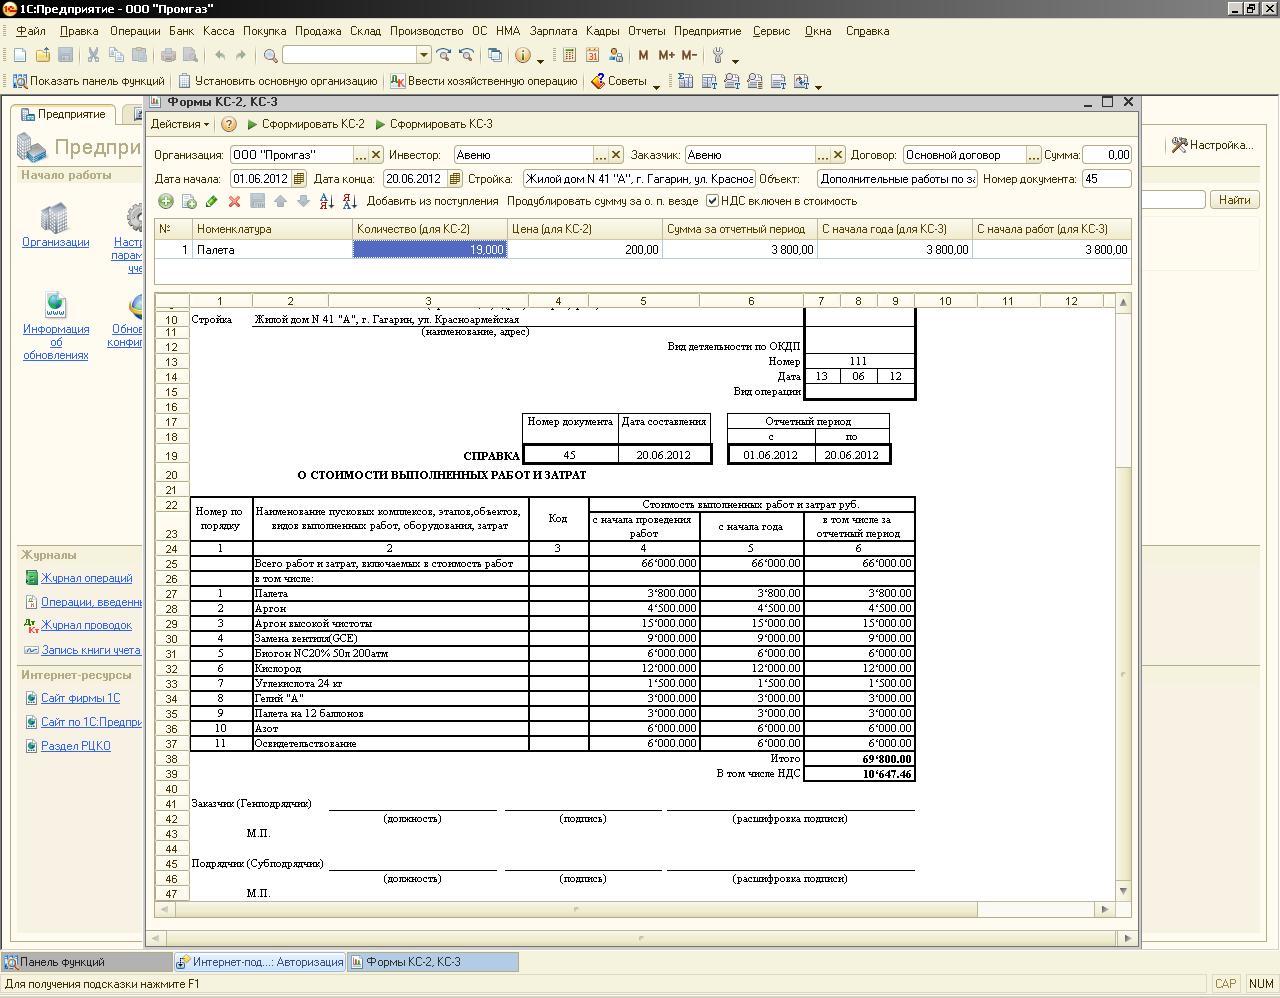 образец заявления о включении в реестр обманутых дольщиков